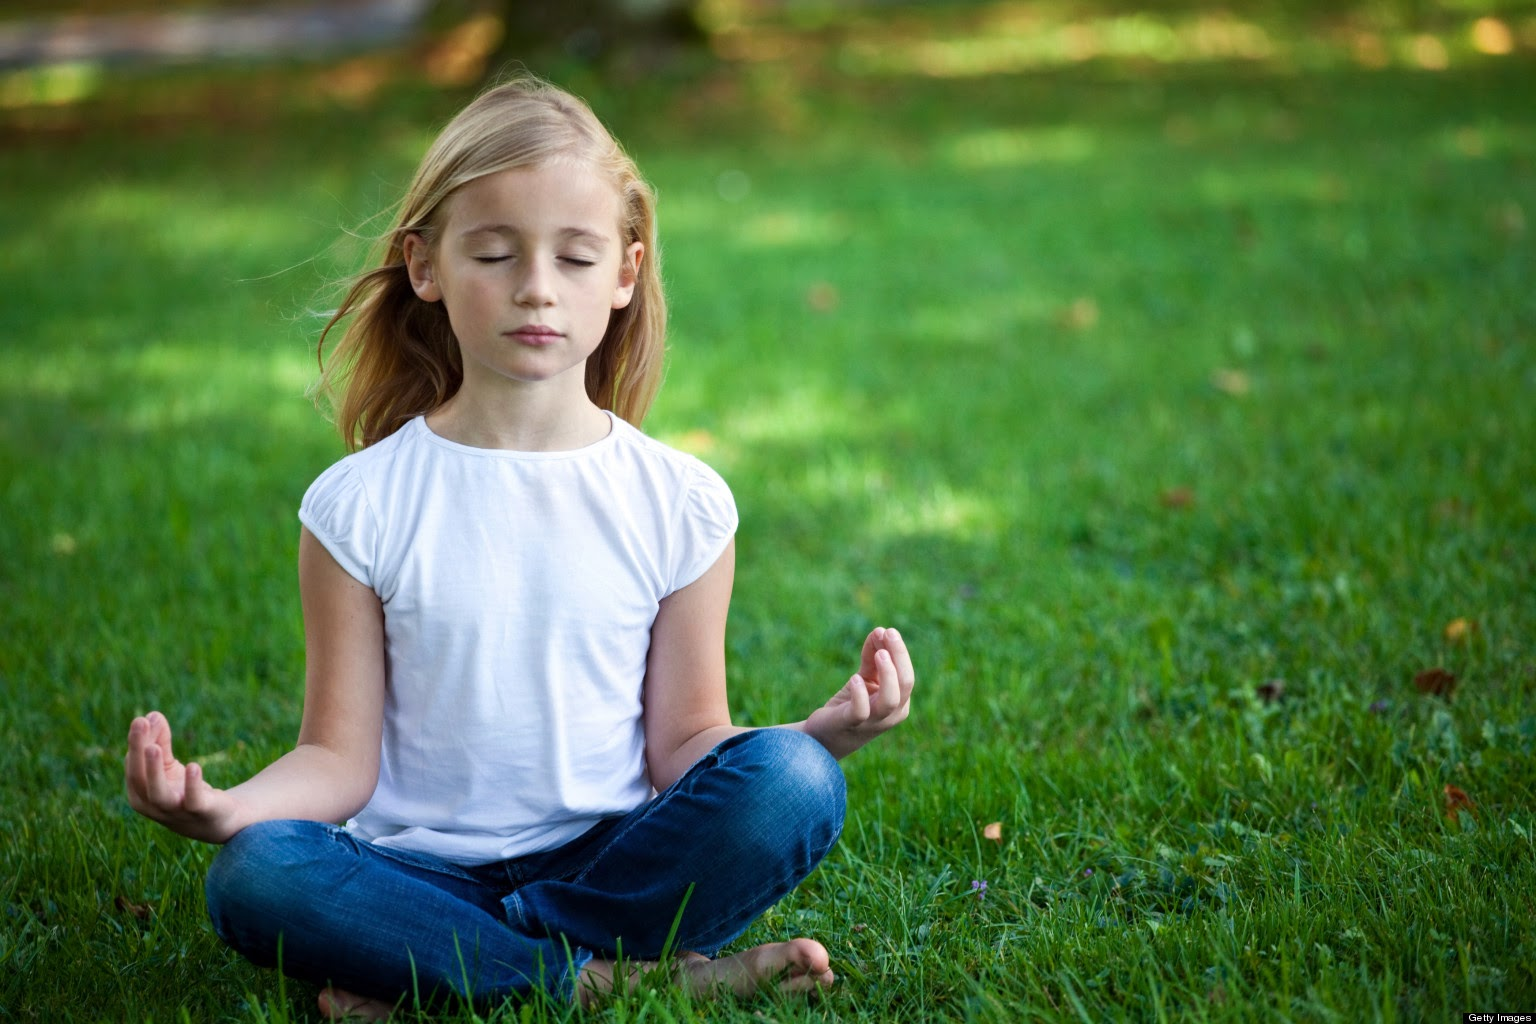 alienacao-parental-prejuizo-para-psiquismo-da-crianca-psicologa-online